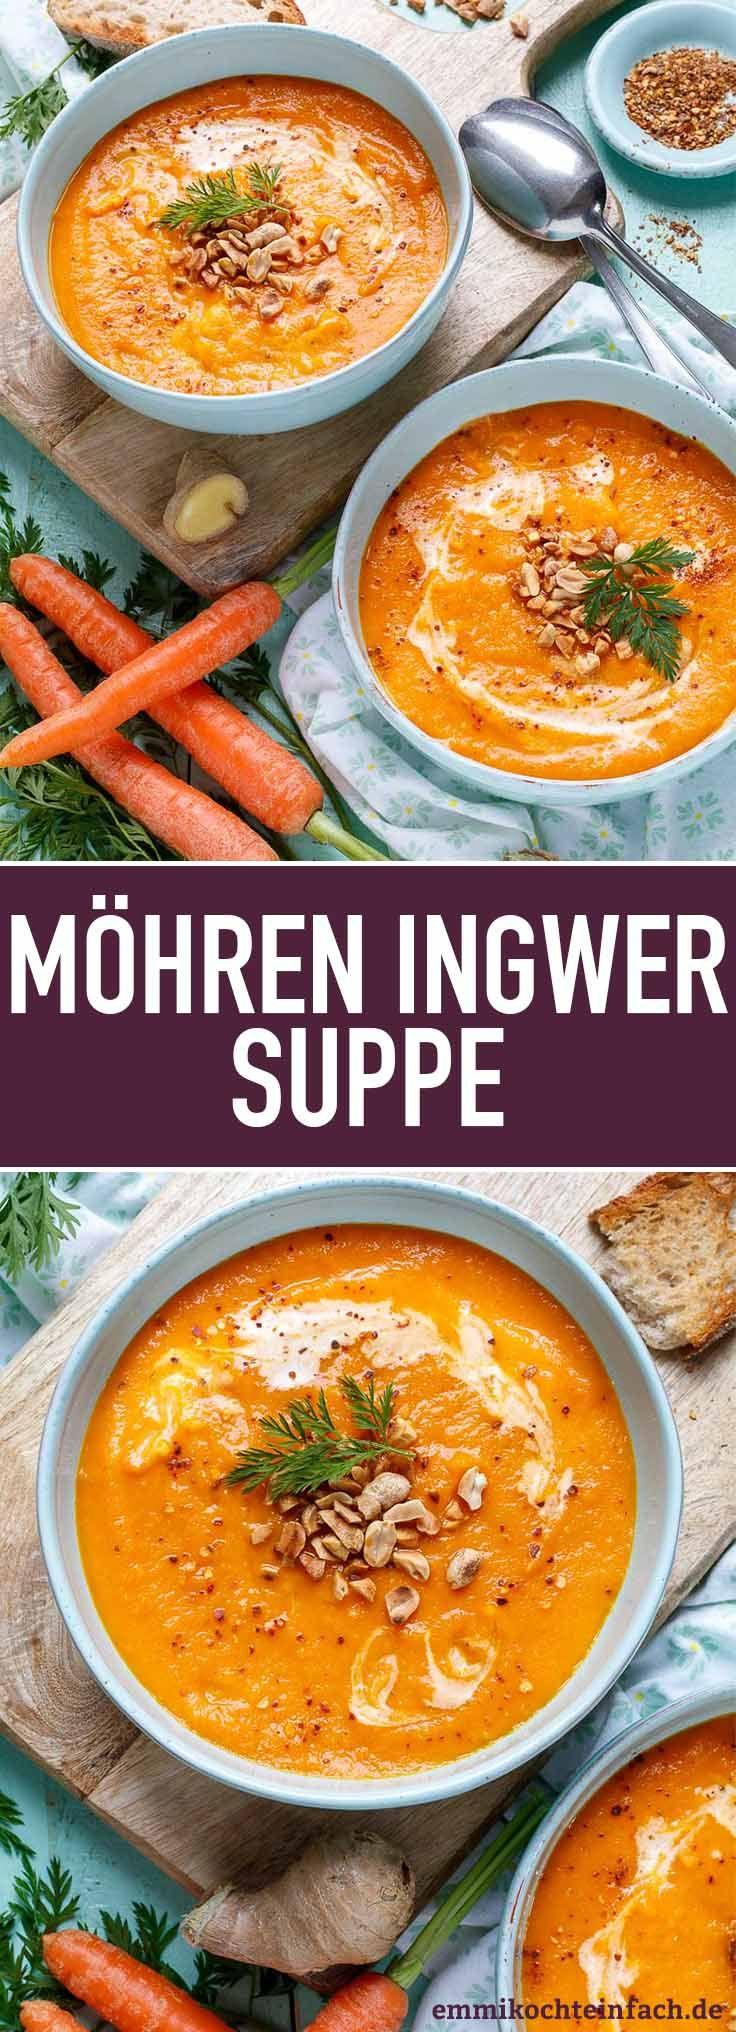 Möhren Ingwer Suppe ganz einfach – emmikochteinfach